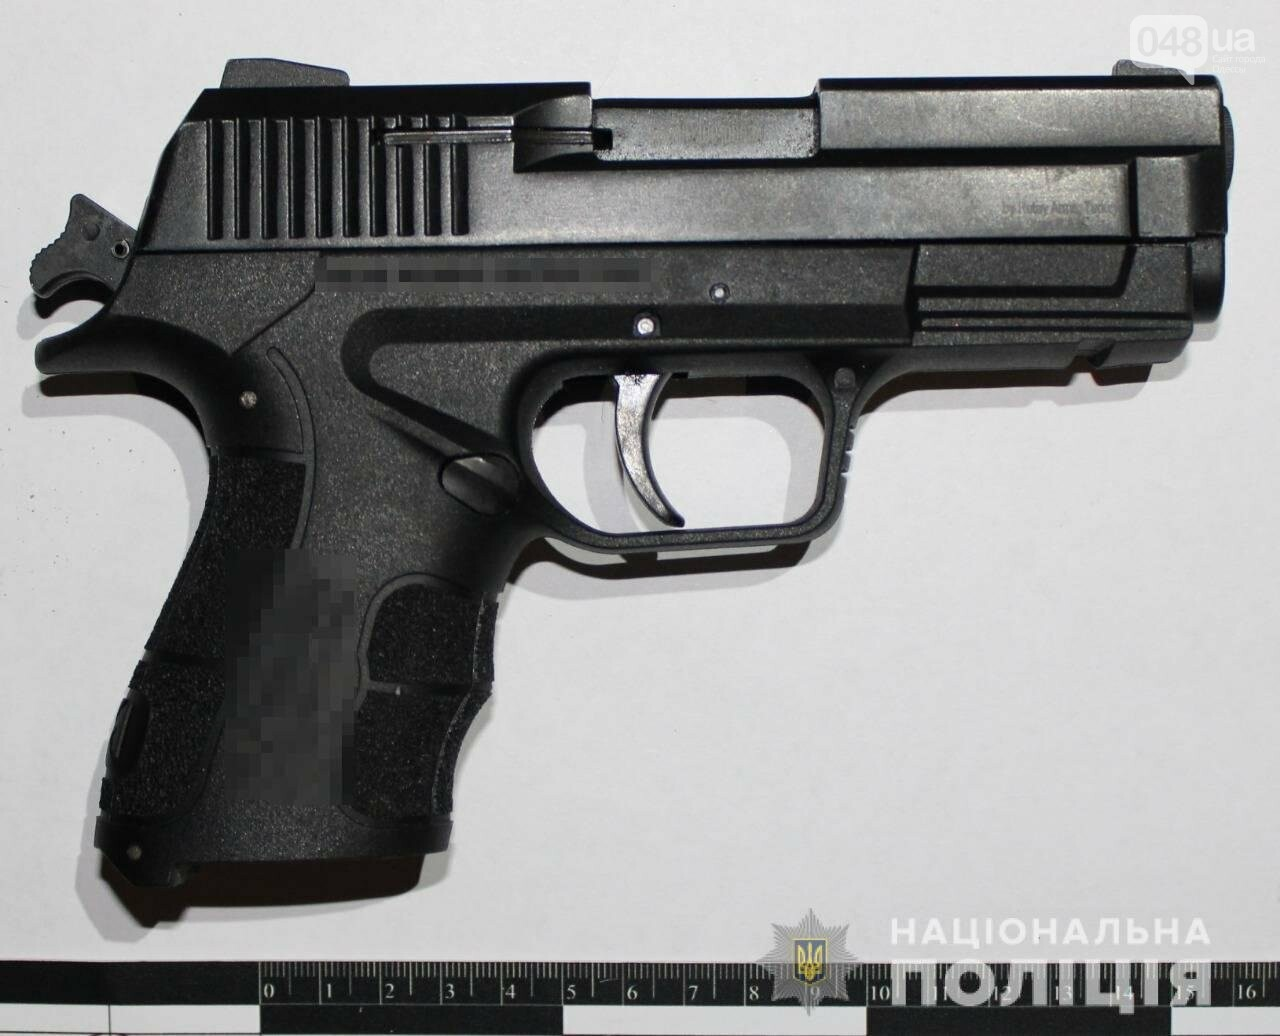 Одесские полицейские задержали мужчину, который гулял с пистолетом, - ФОТО, ВИДЕО1